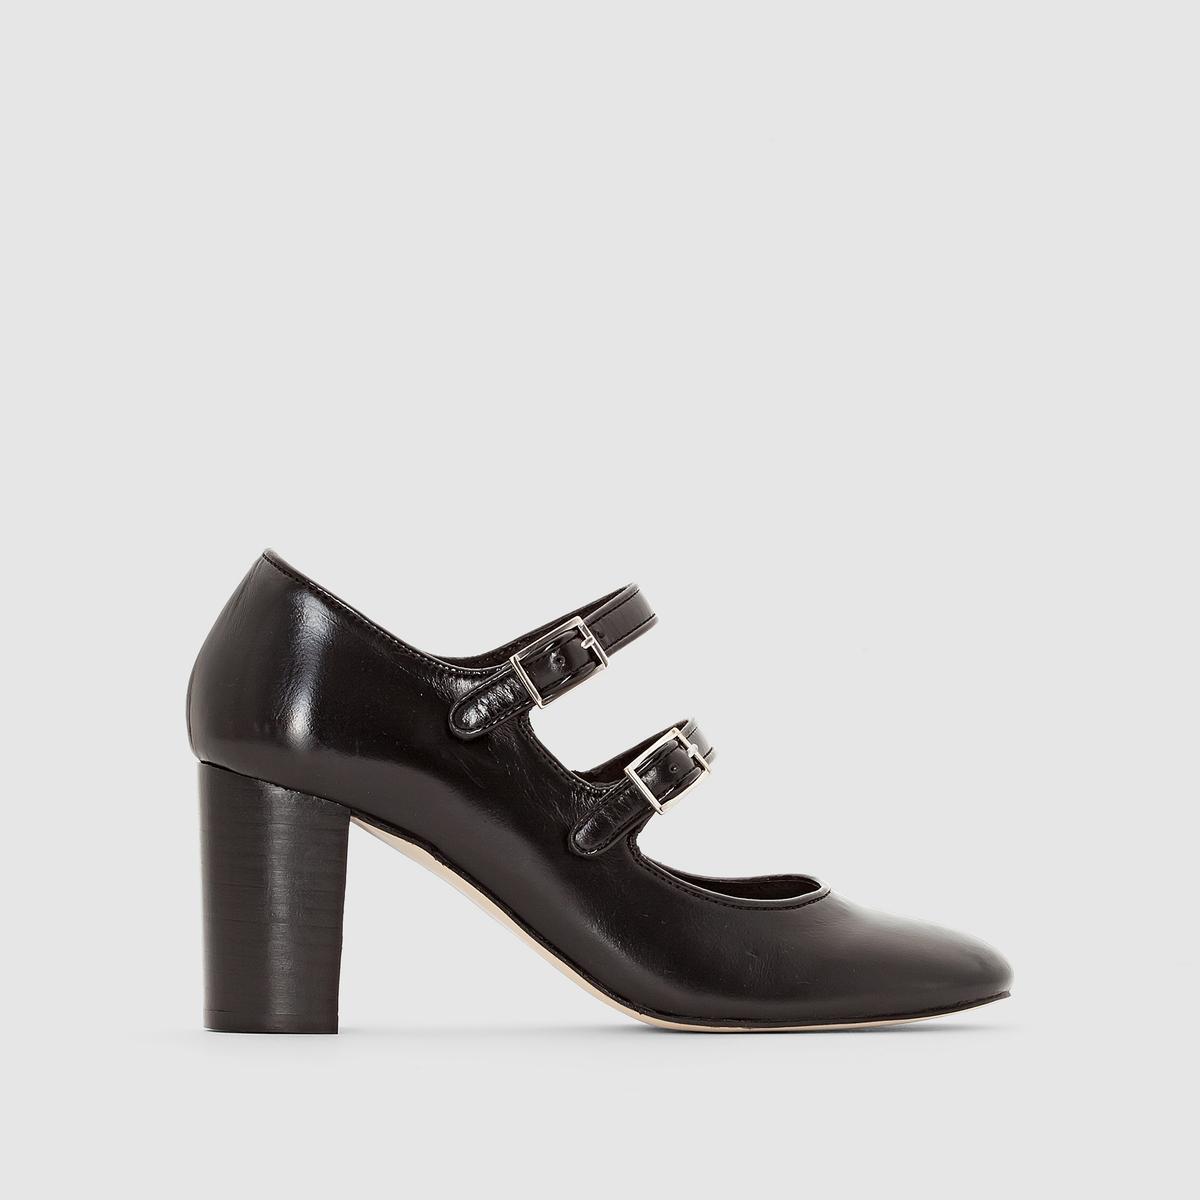 Туфли лакированные кожаные на каблуке с пряжкой AntiochПодкладка: кожа   Подошва: эластомер   Высота каблука: 8 см   Форма каблука: широкий   Мысок: закругленный   Застежка: ремешок с пряжкой<br><br>Цвет: черный